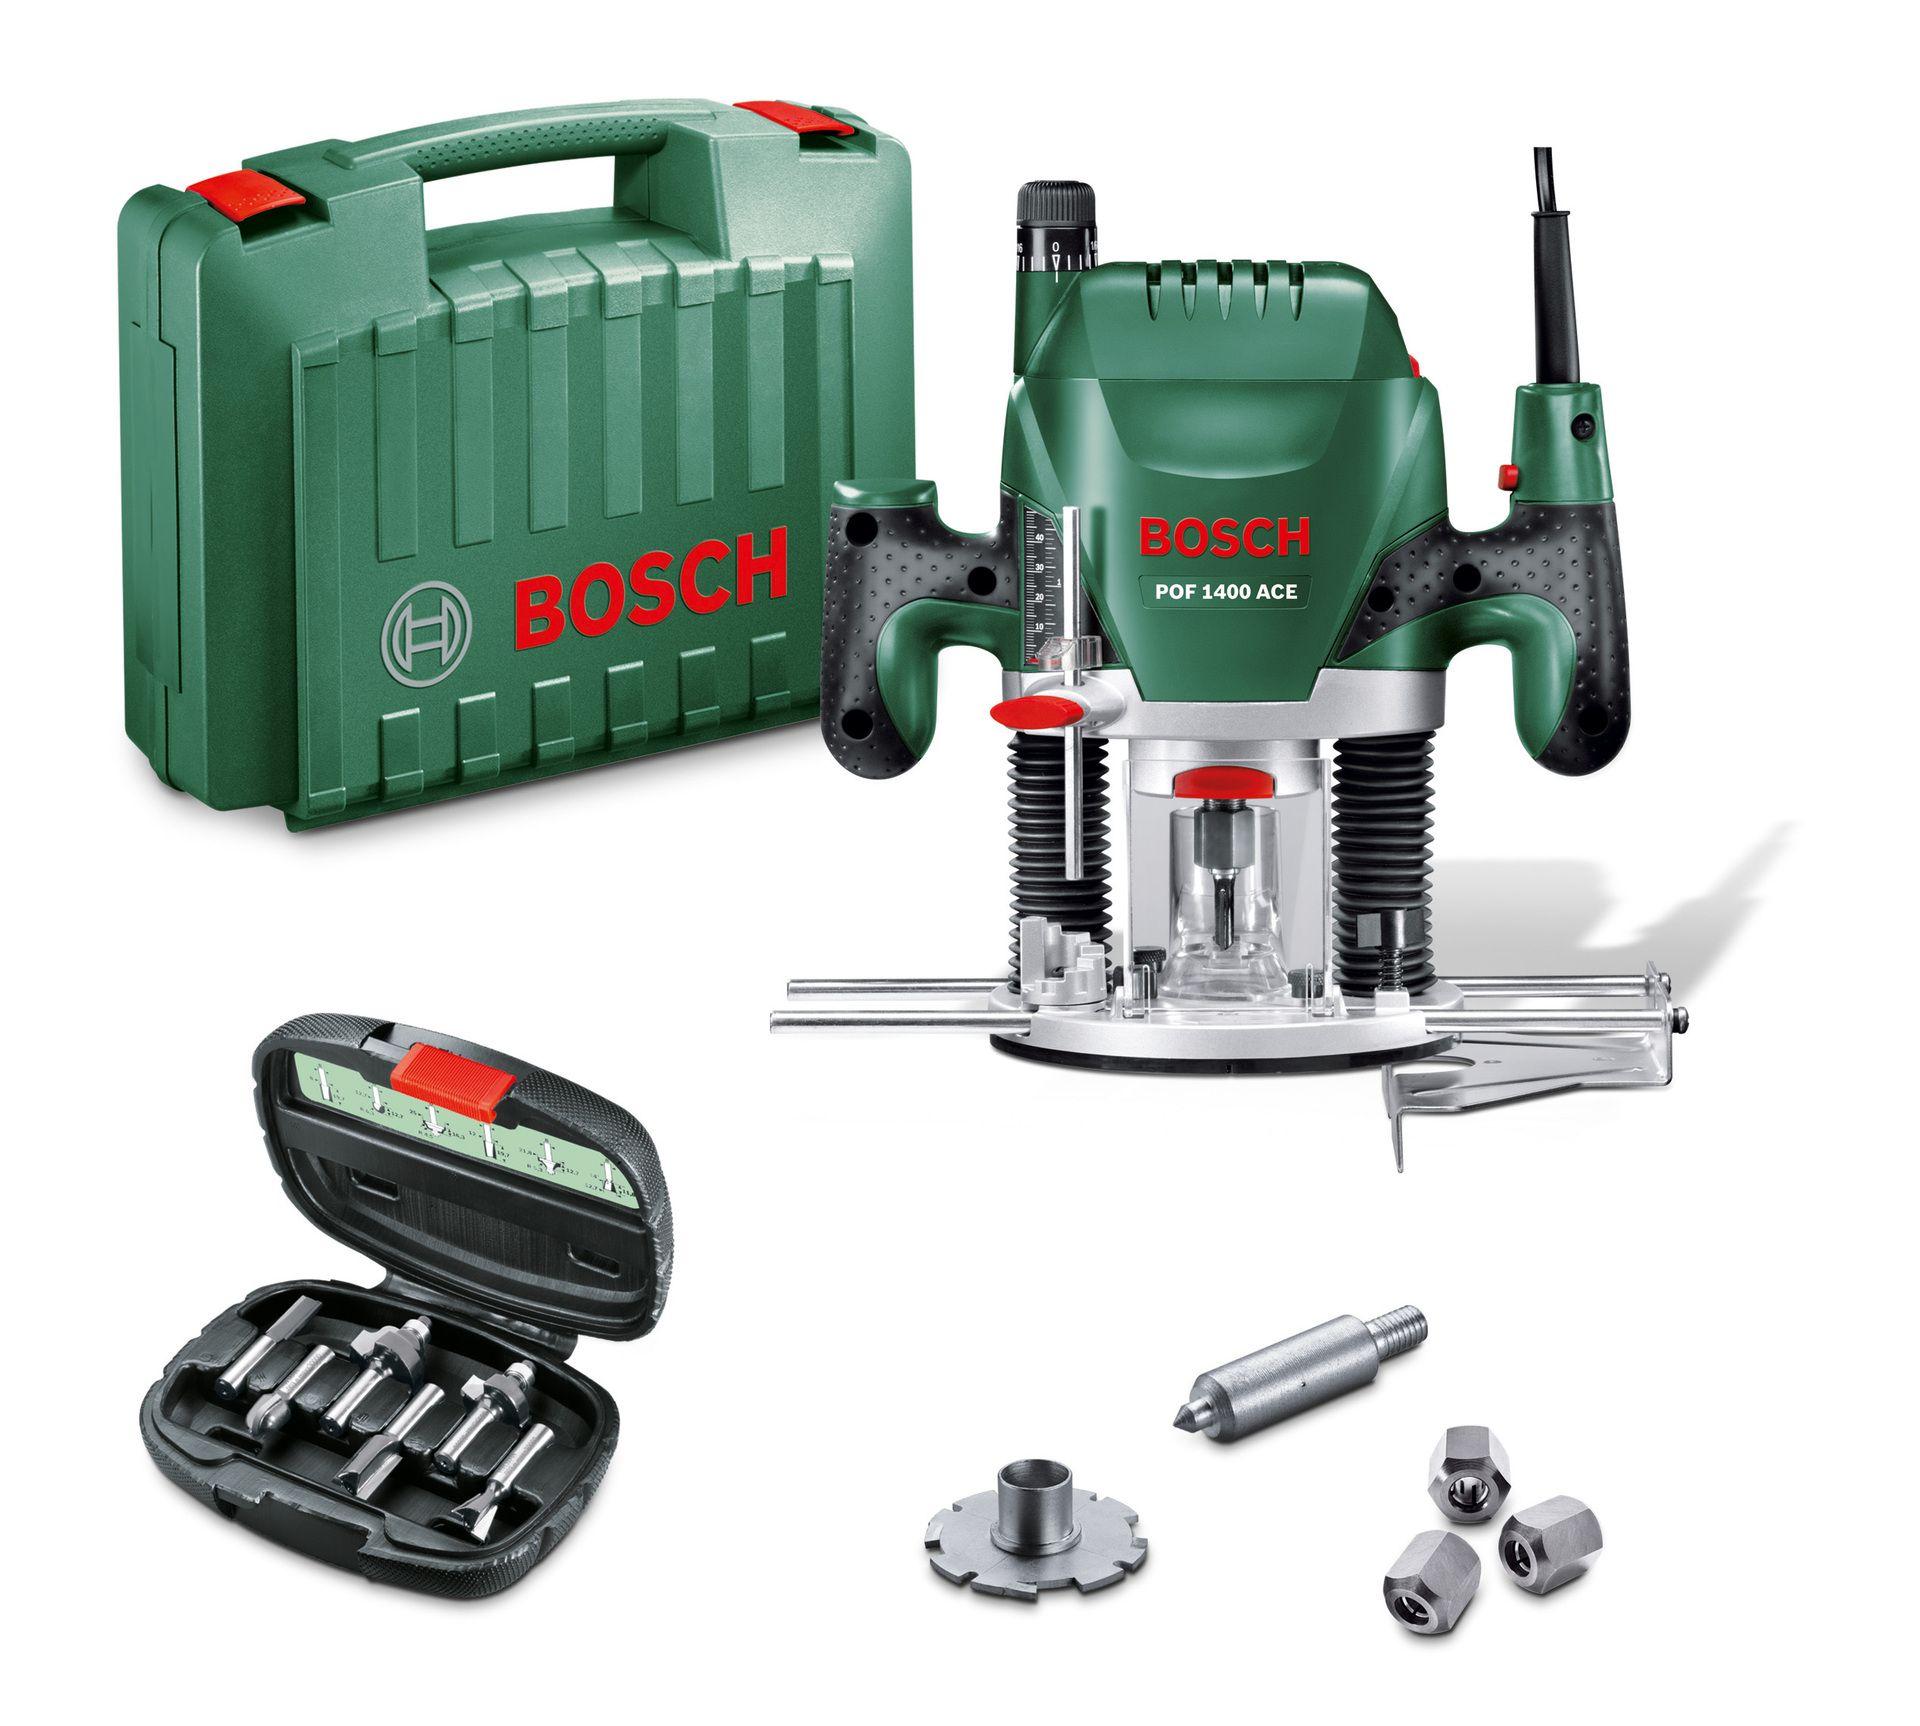 Coffret Défonceuse électrique filaire Bosch POF 1400 ACE + 6 Fraises + Accessoires